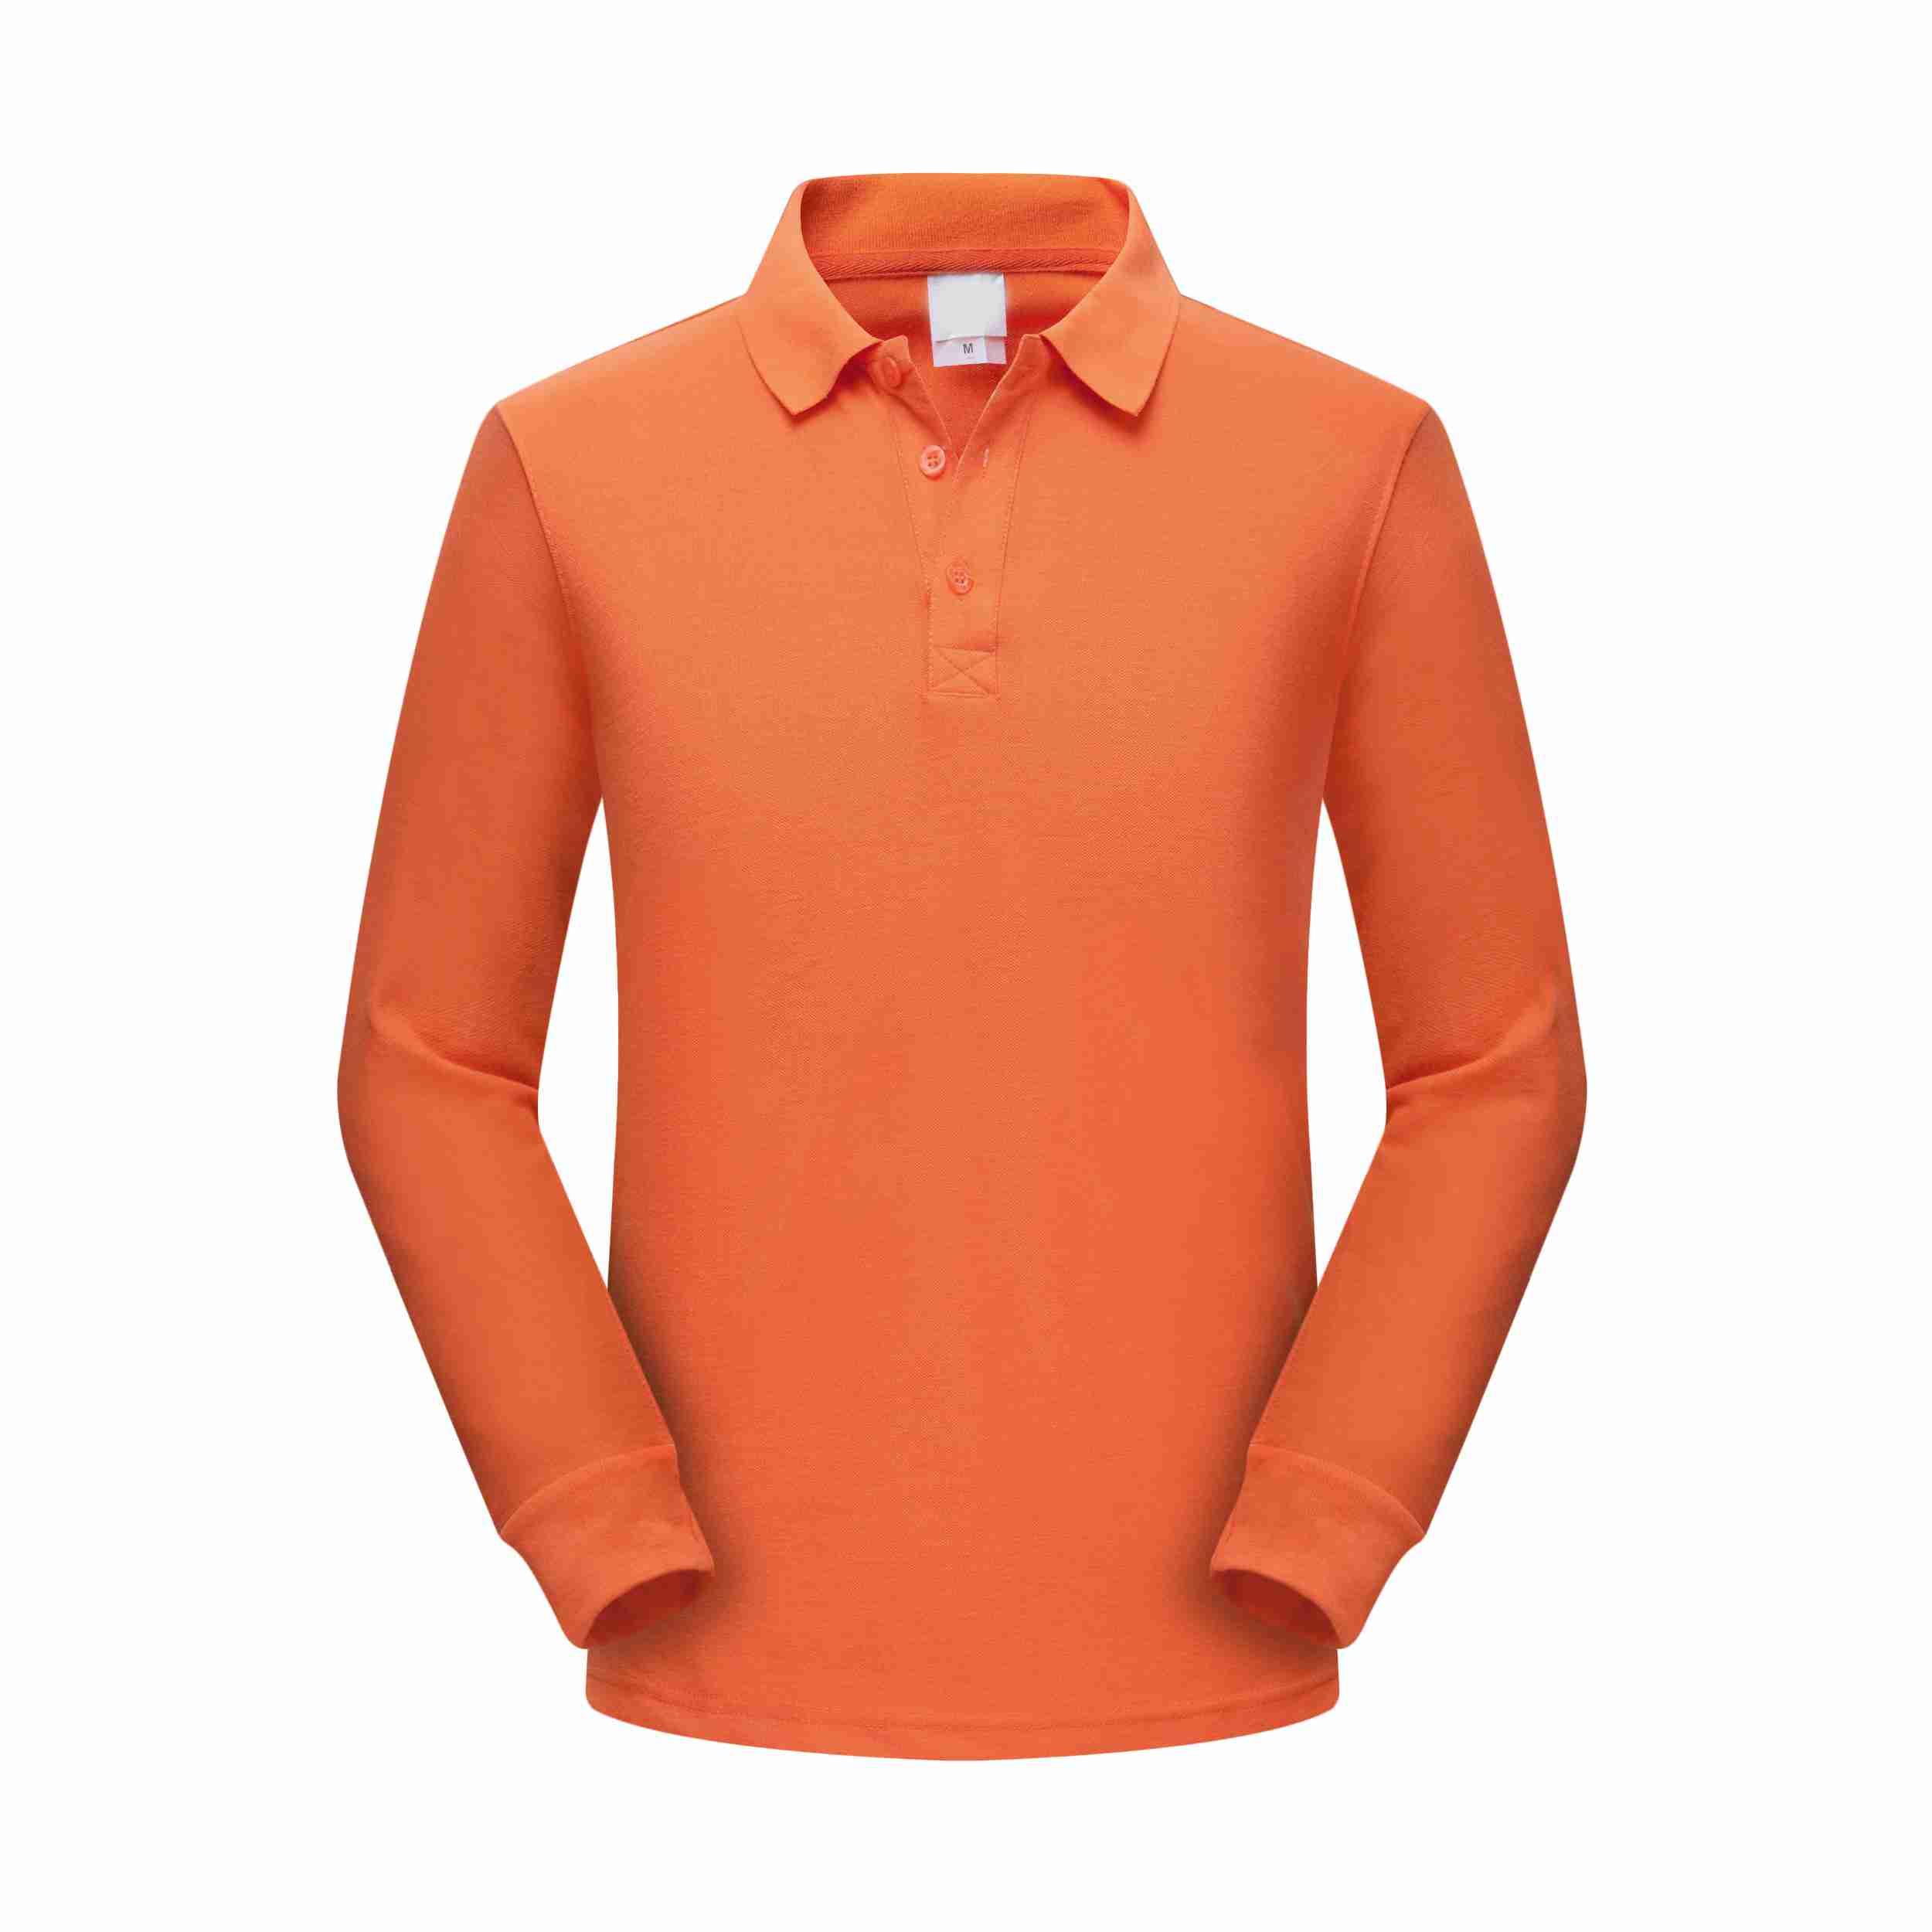 polo衫是什么 它的设计灵感来源于哪里?